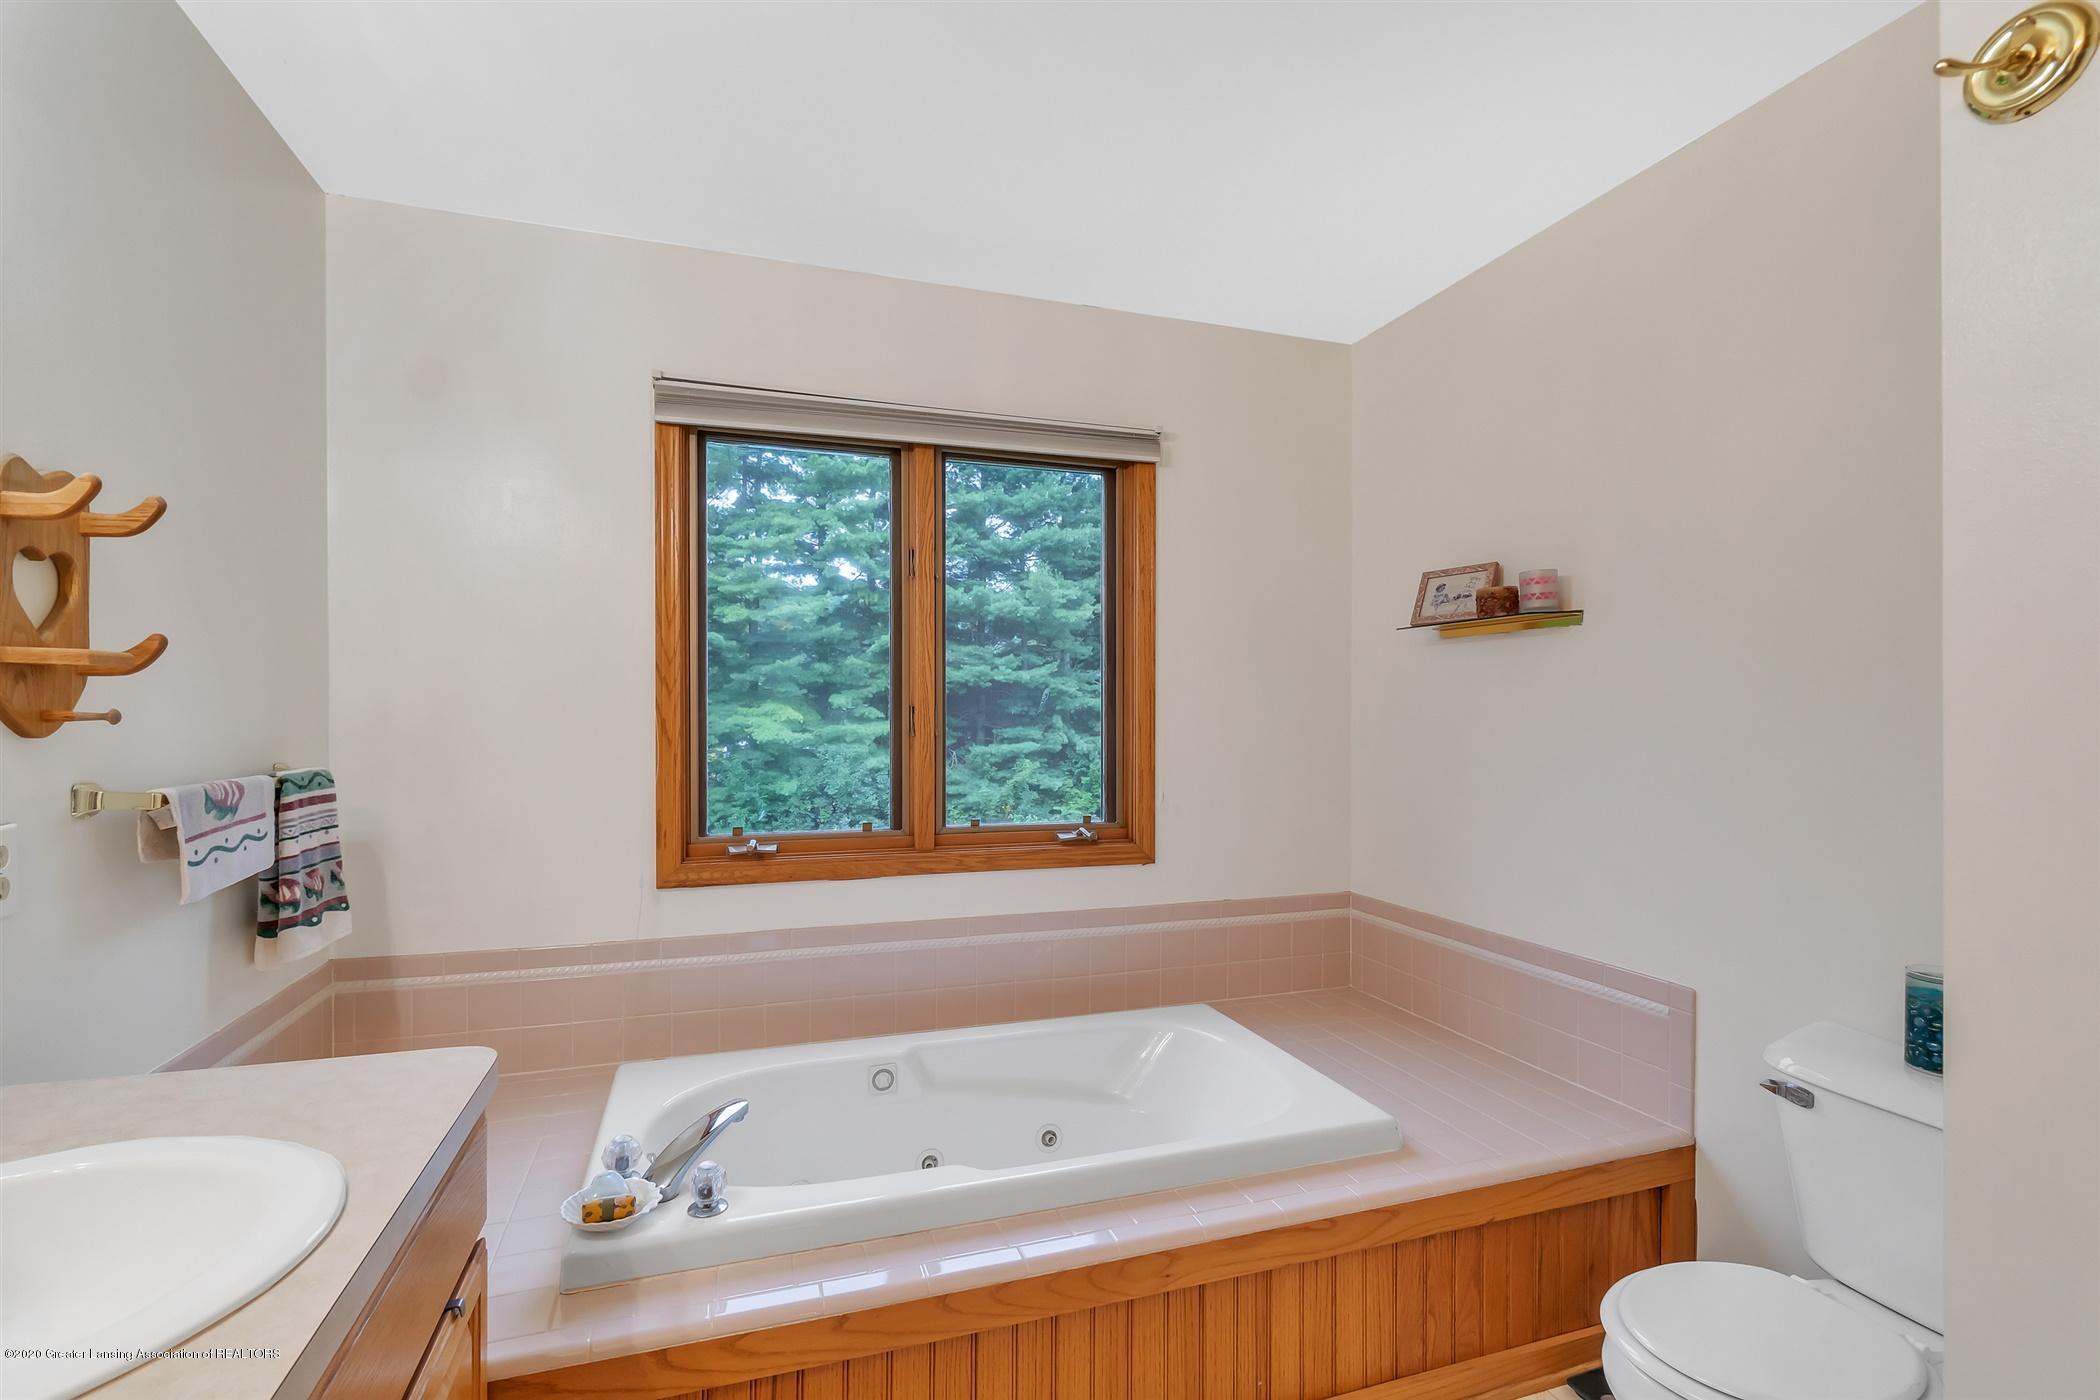 11910 Schavey Rd - 48-11910 Schavey Rd.-windowstill-re - 48